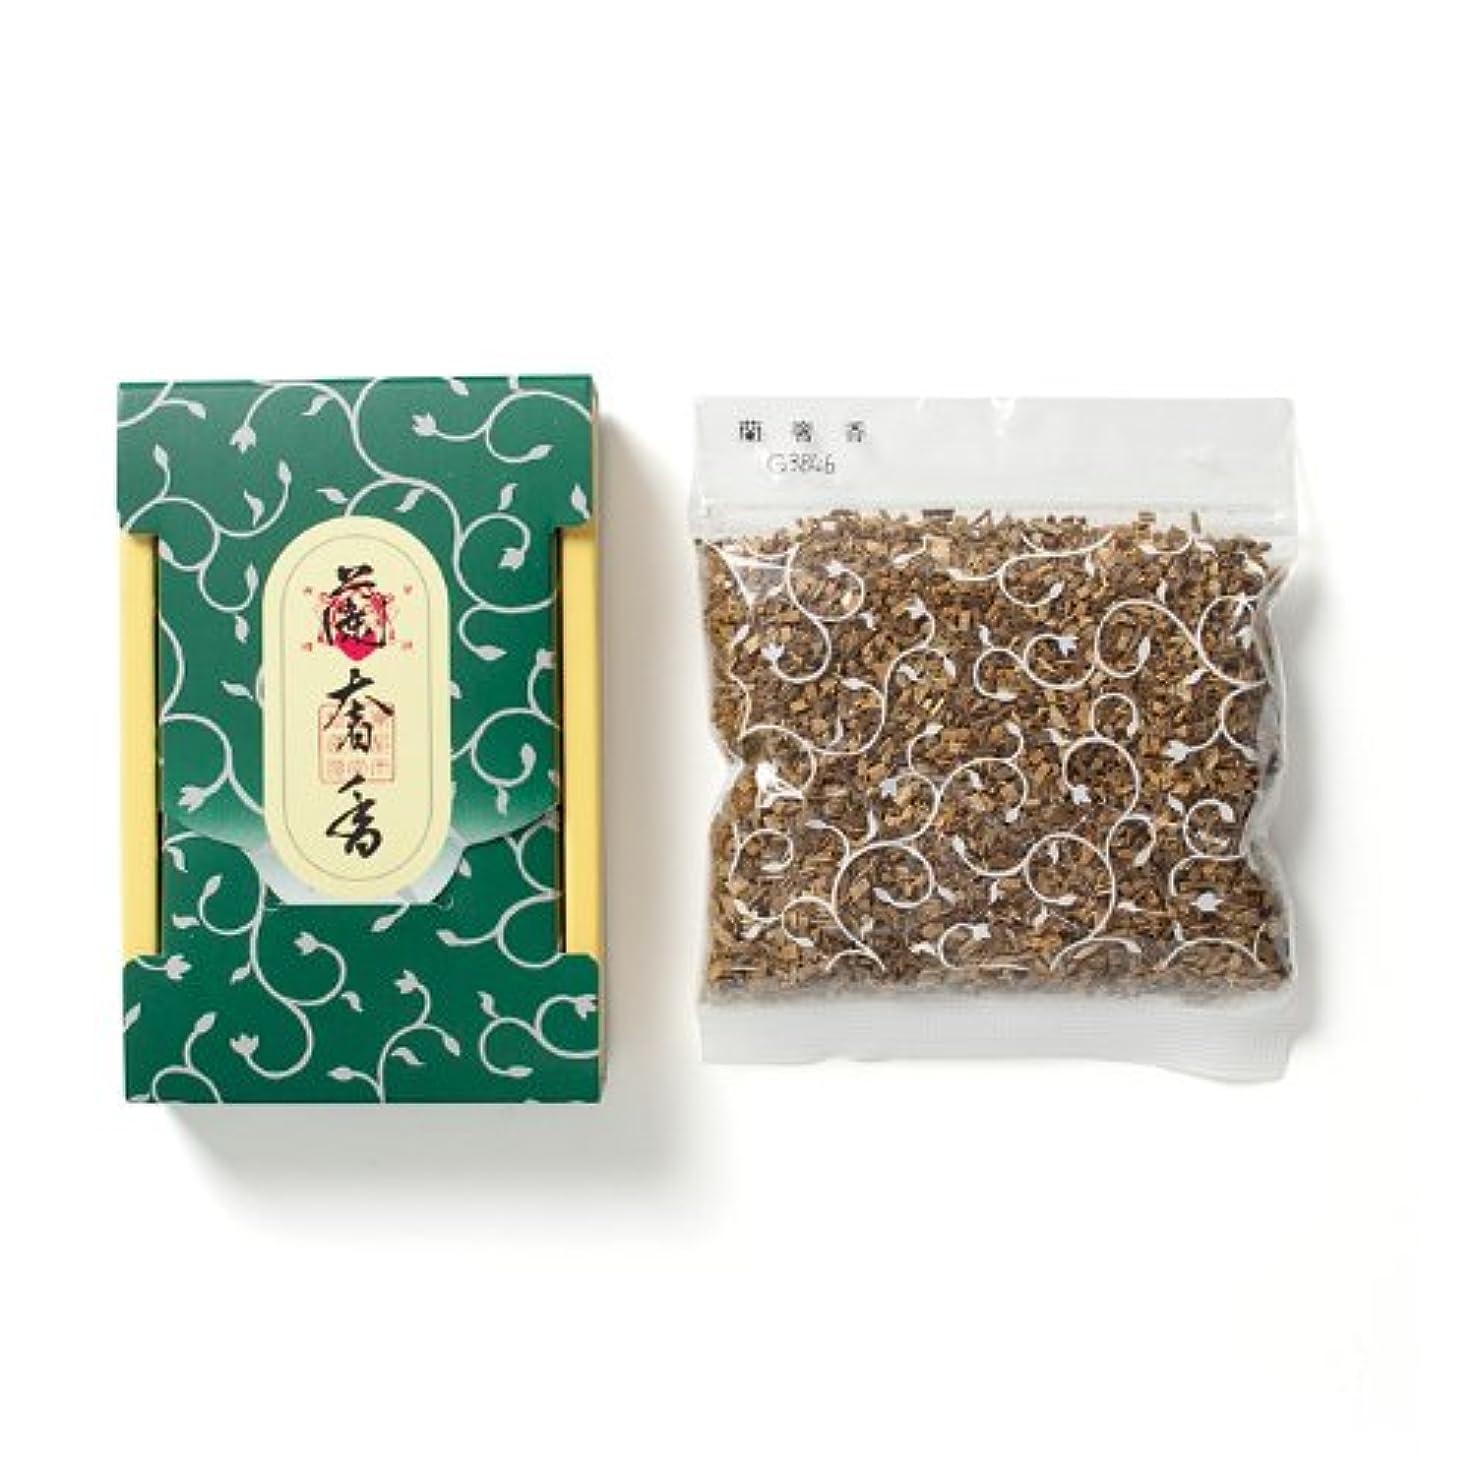 食事を調理するめんどり出撃者松栄堂のお焼香 蘭奢香 25g詰 小箱入 #410741